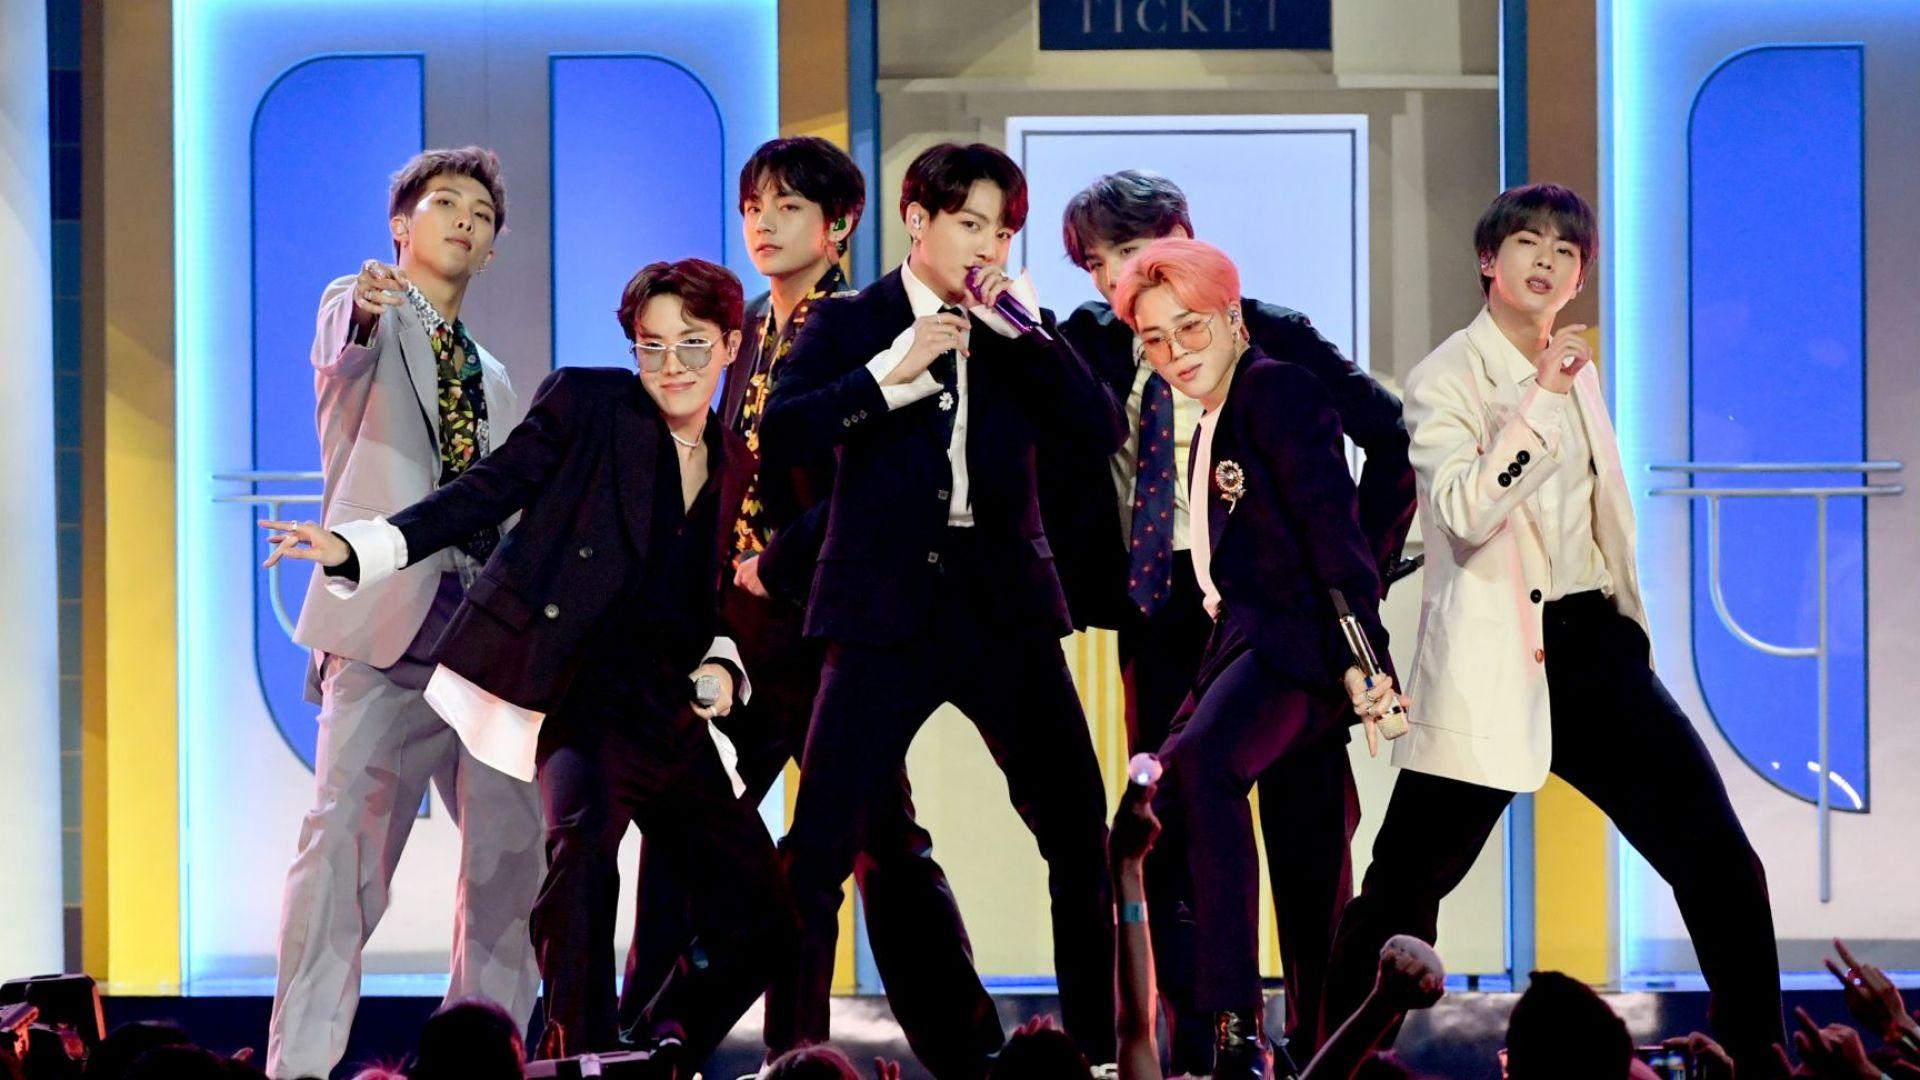 BTS - първата южнокорейска група, покорила върха на Billboard